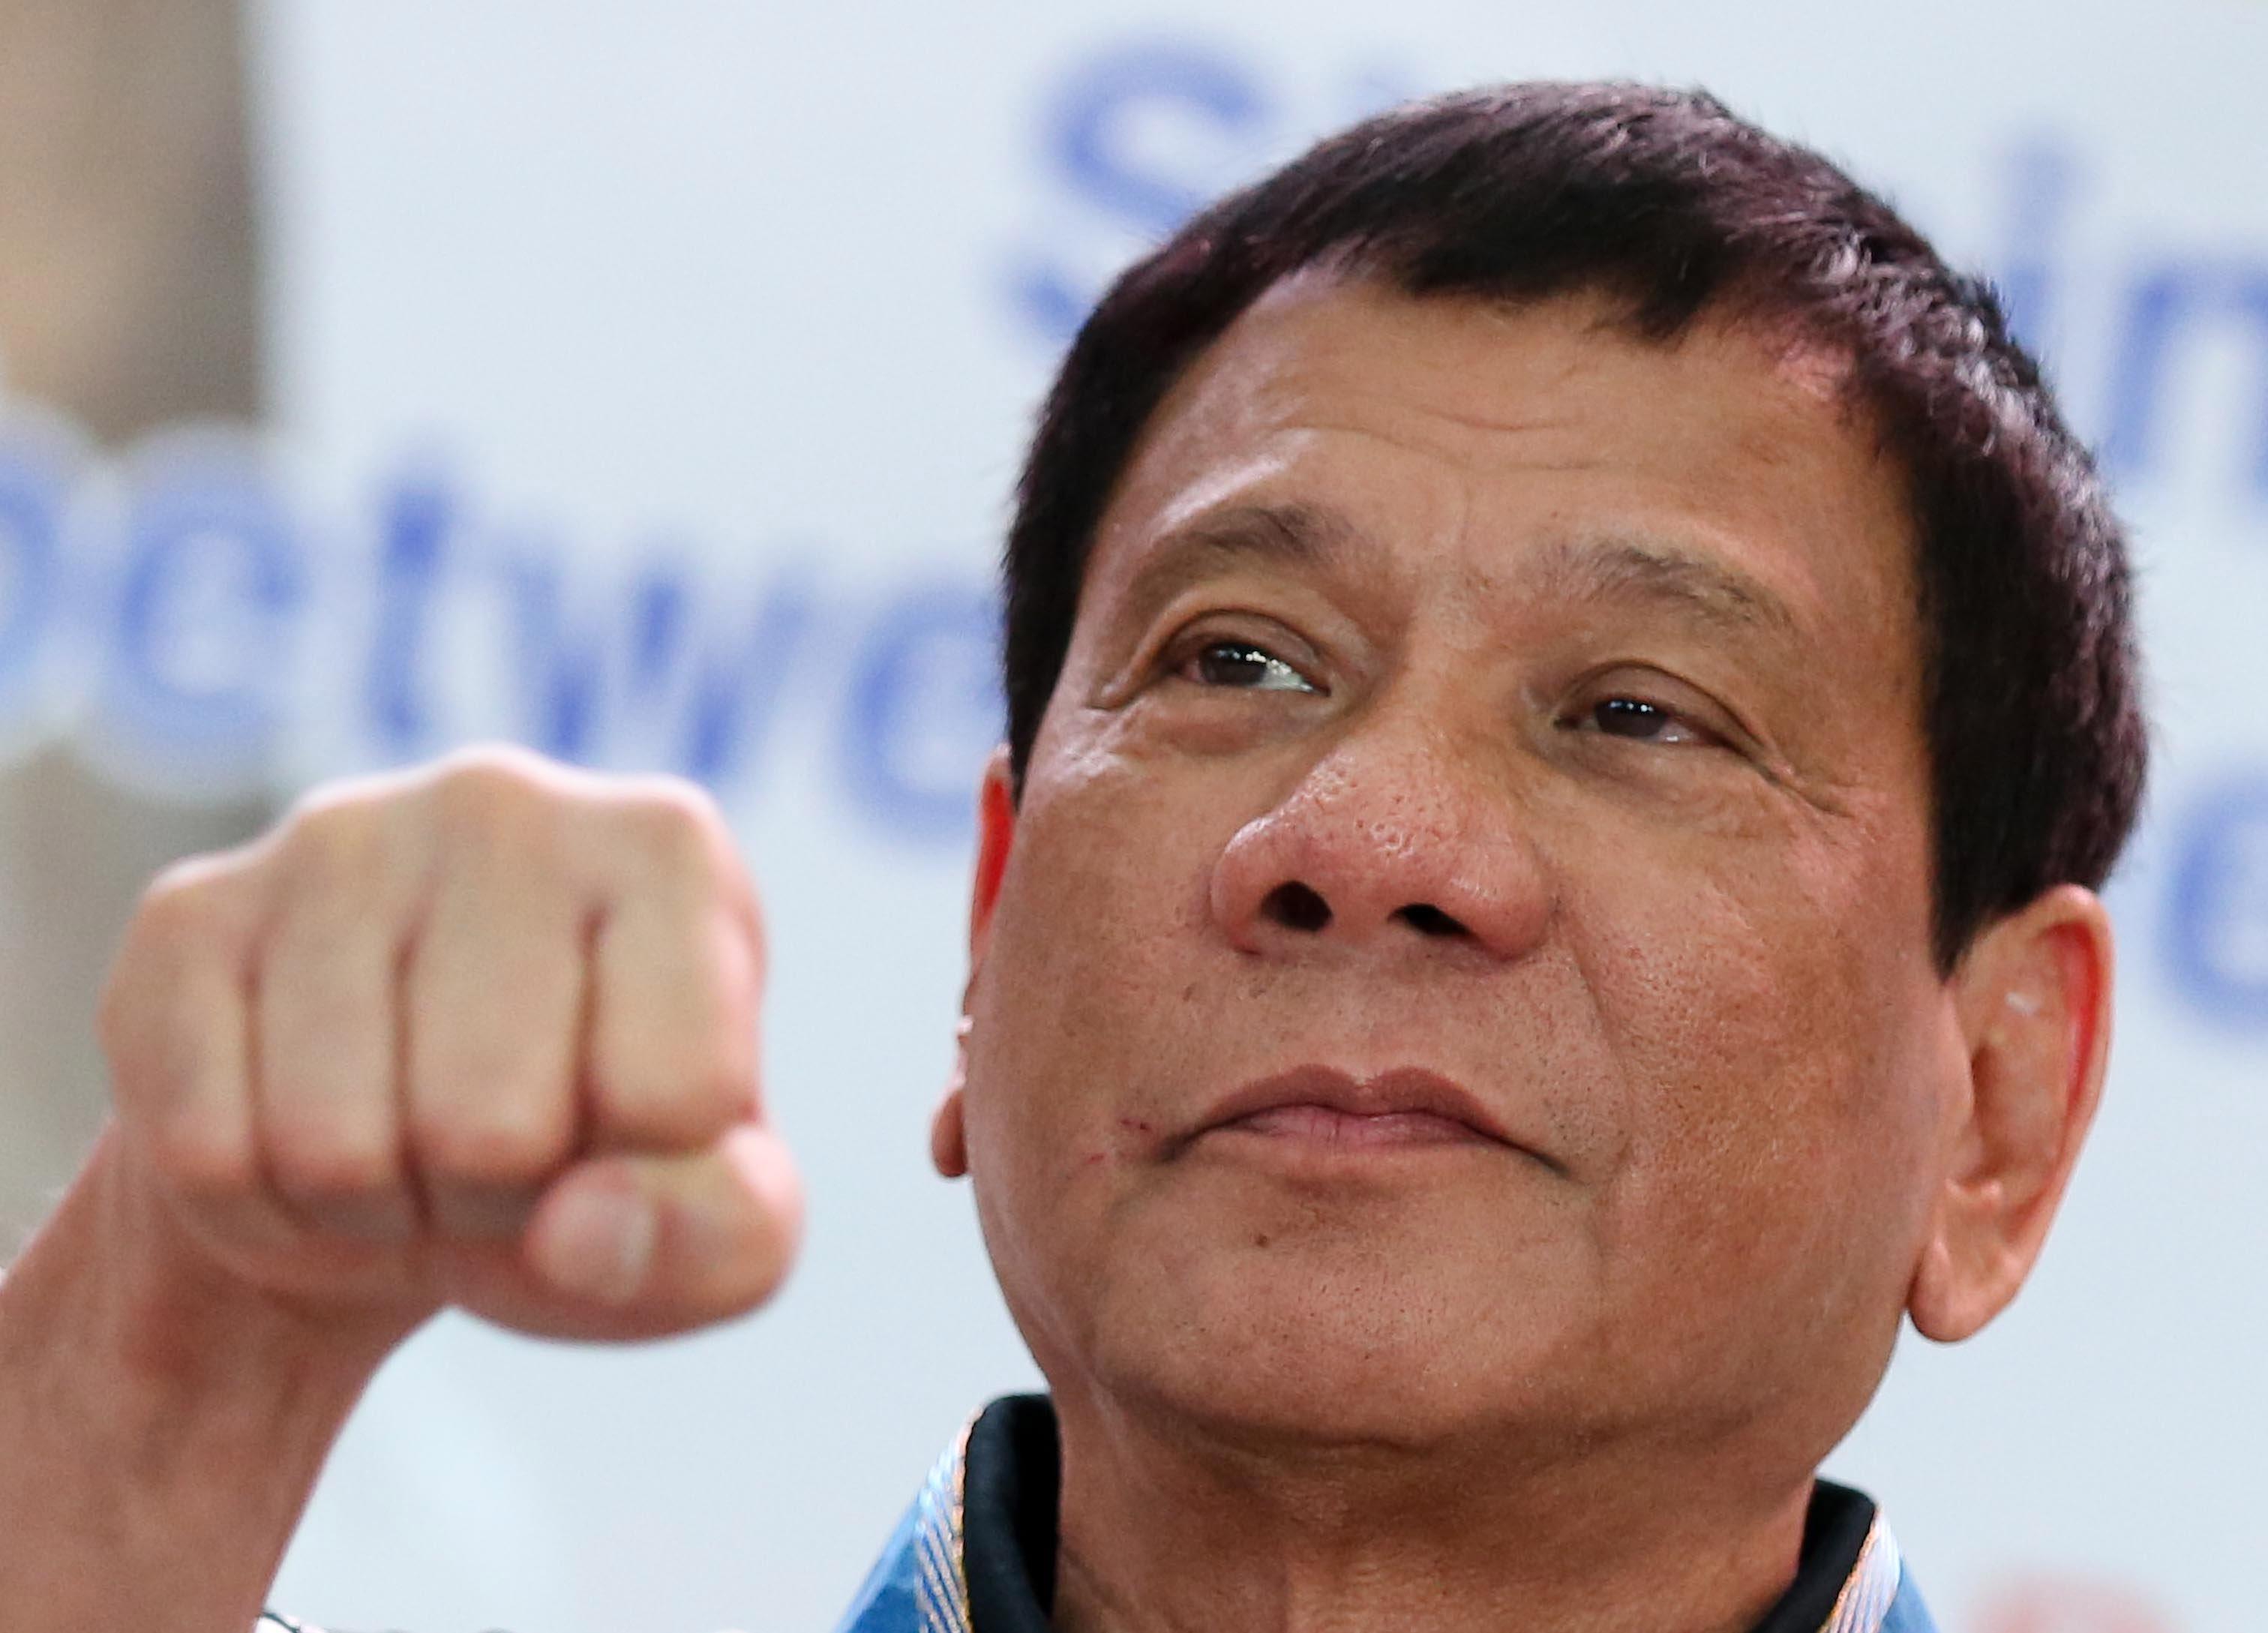 """El presidente de Filipinas: """"¿Y si secuestramos a alguien de la Comisión de Auditoría y lo torturamos?"""""""